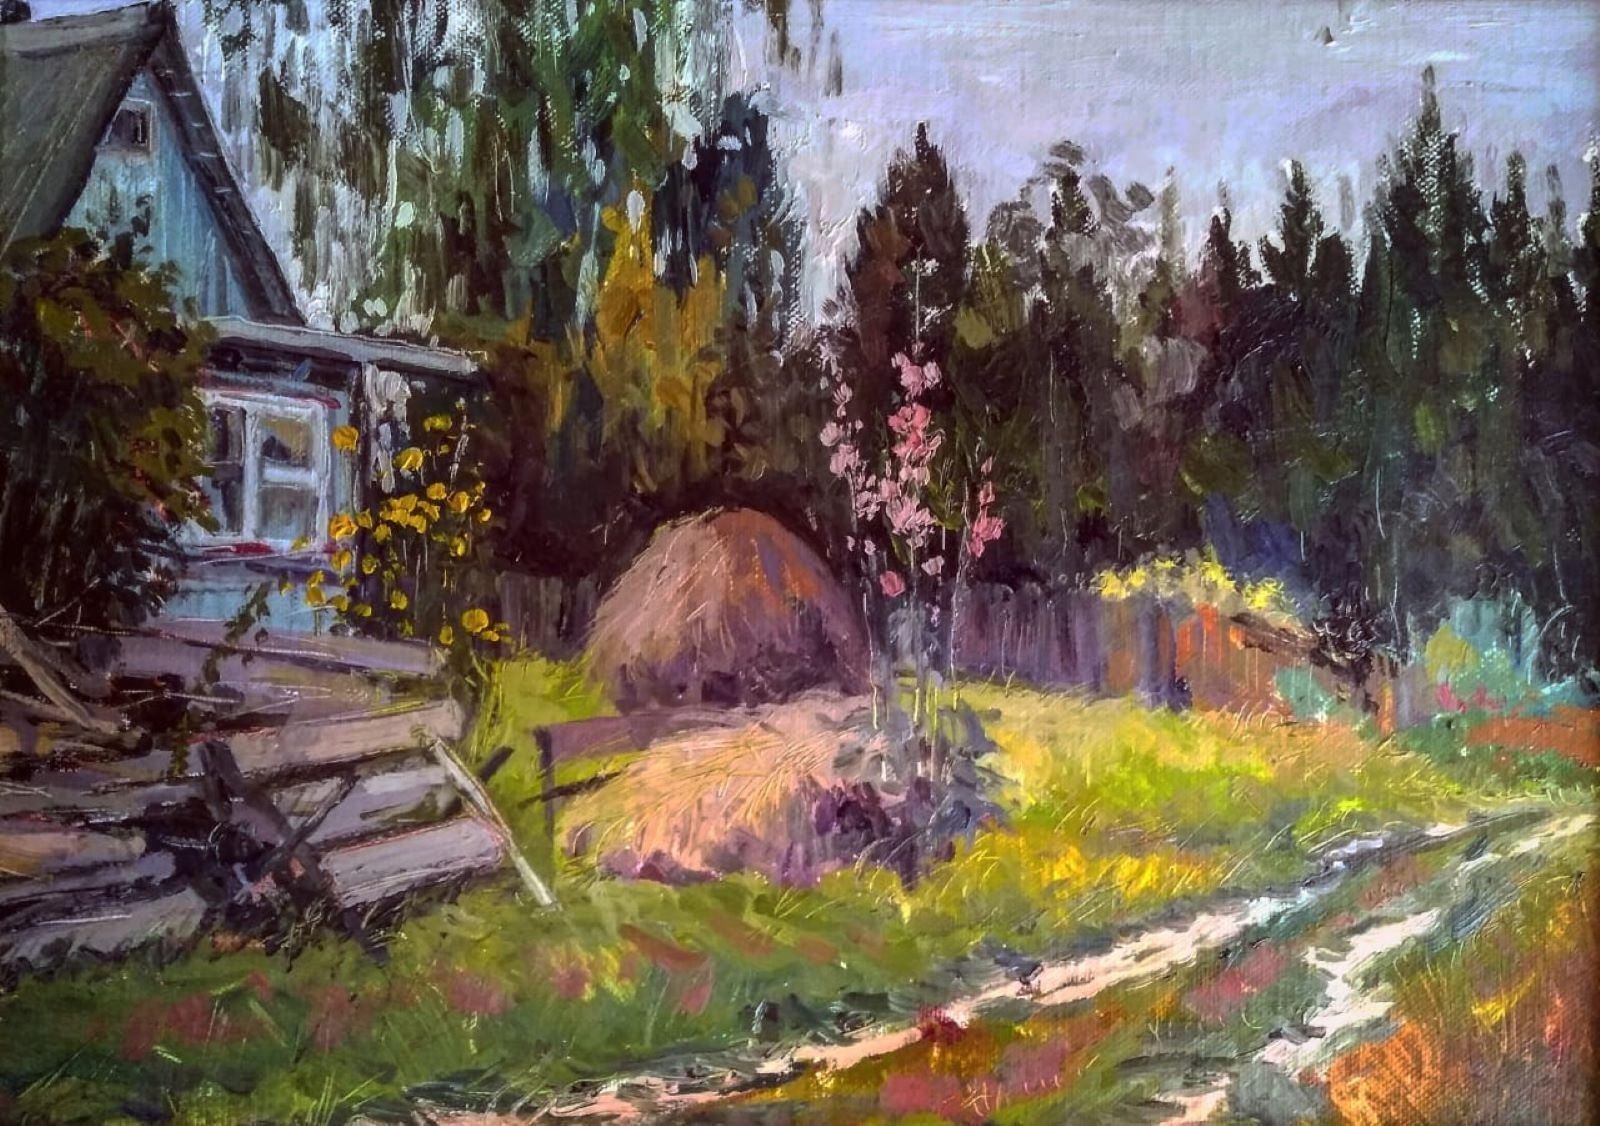 Выставка «Другие берега» в музее К. Г. Паустовского  – события на сайте «Московские Сезоны»